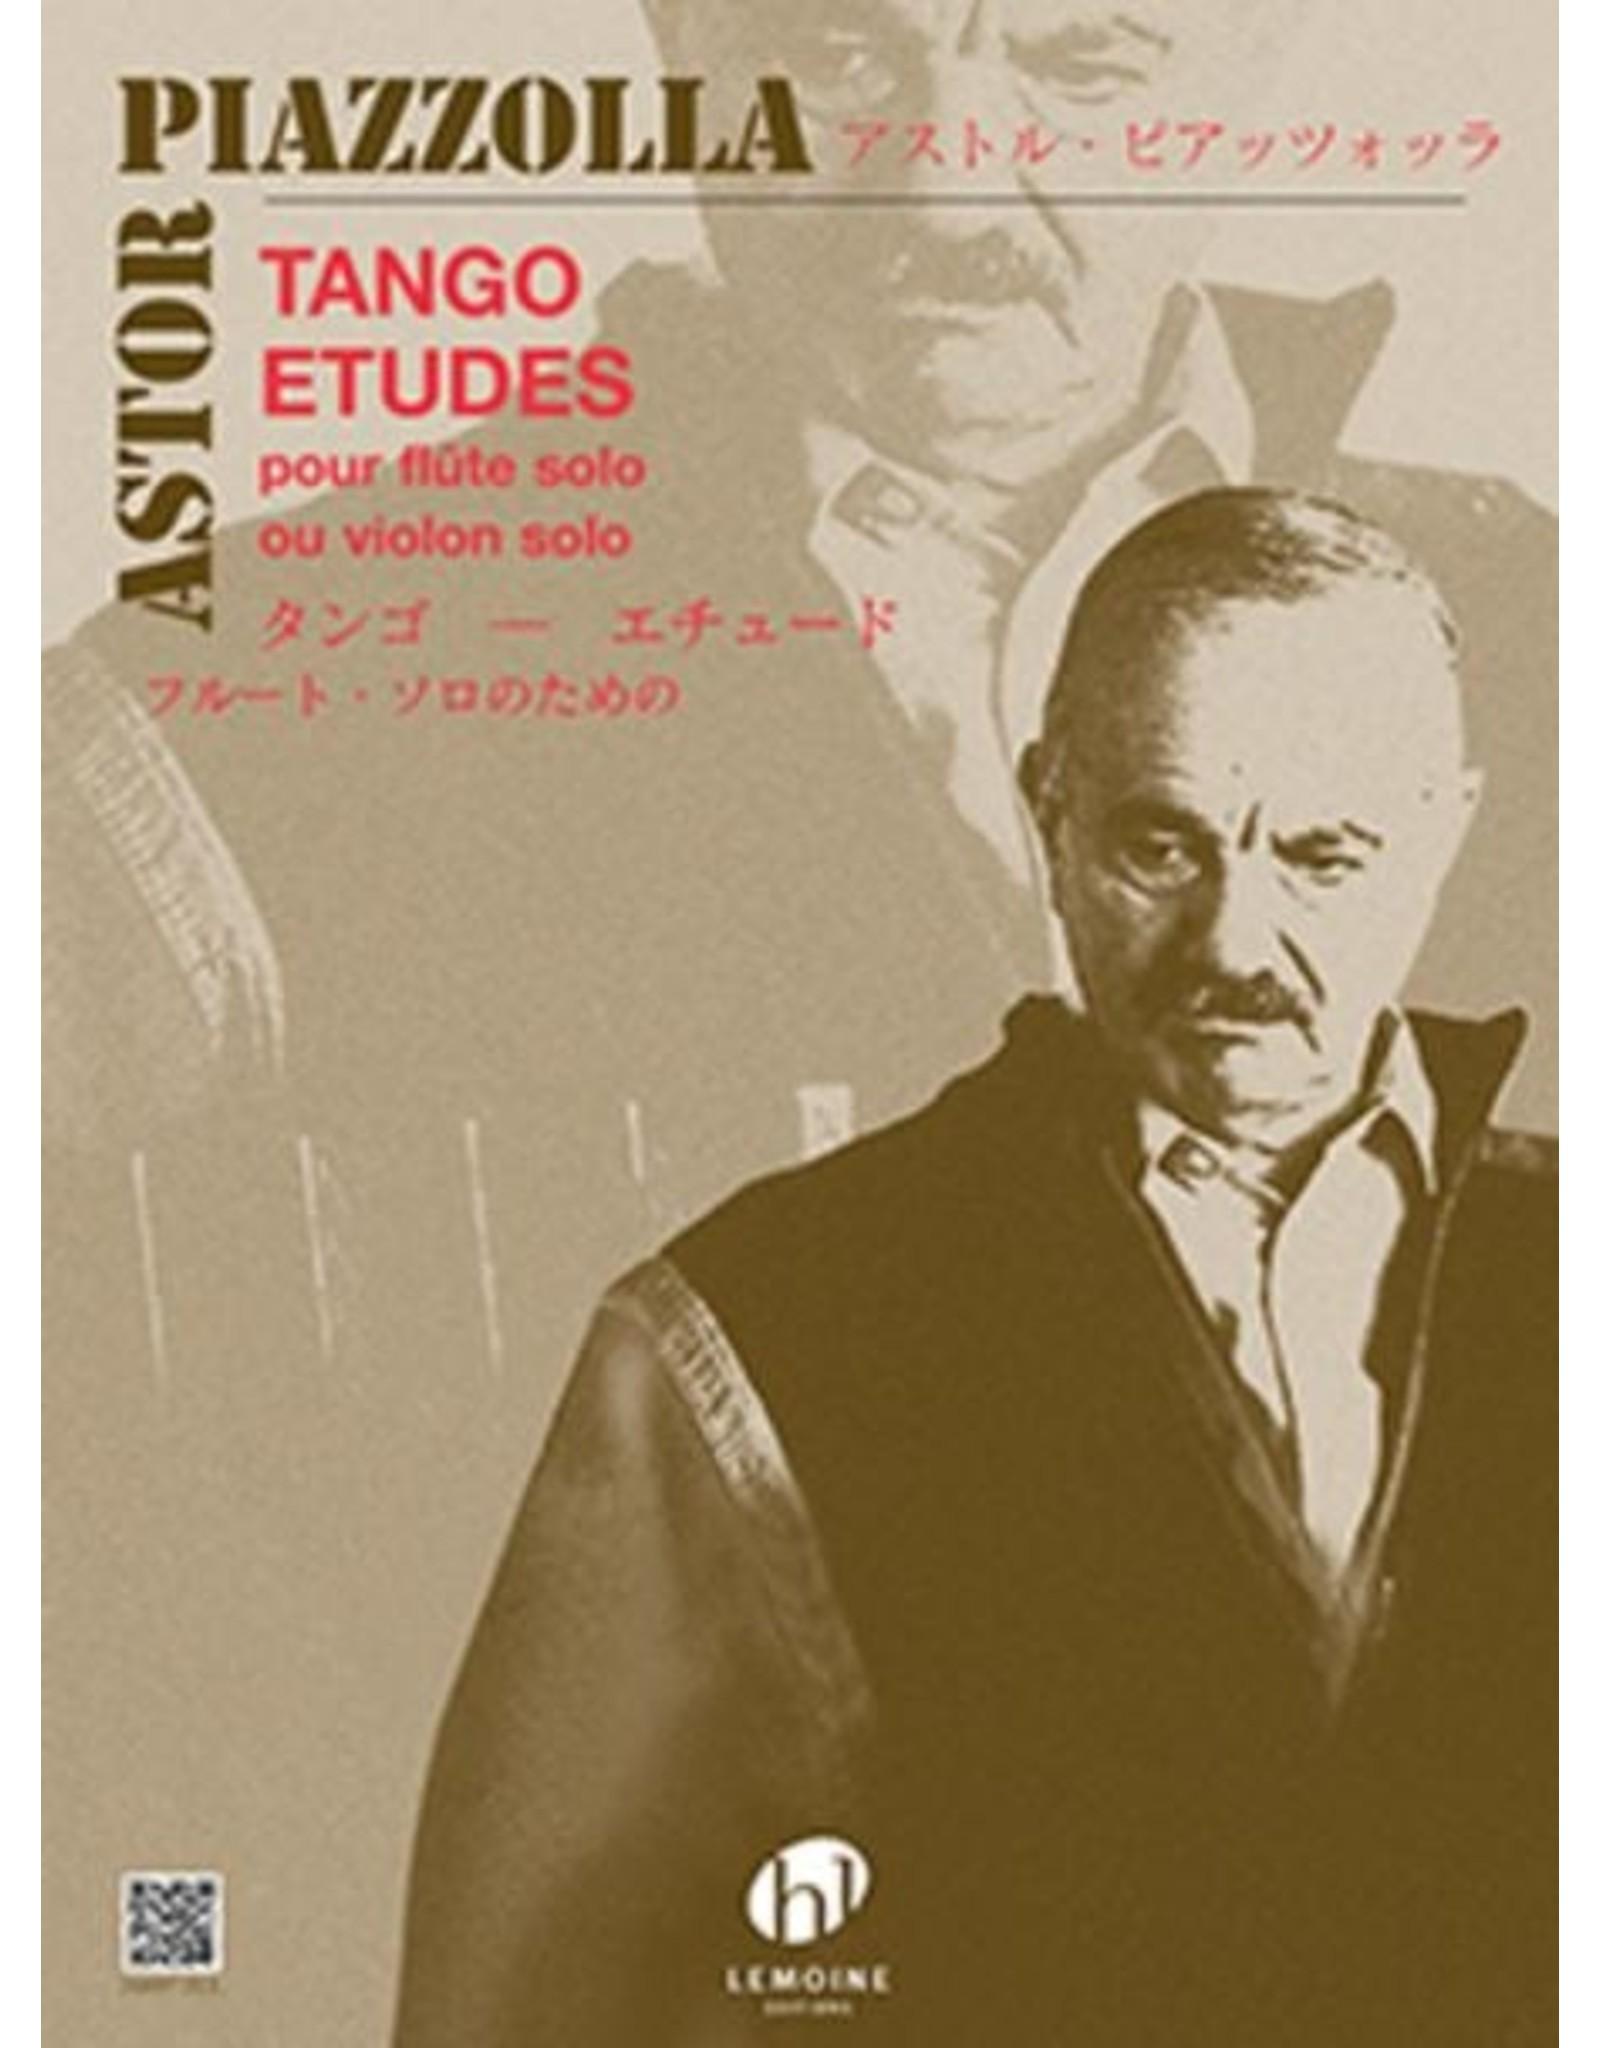 Generic Piazzolla Tango Etudes - Flute Solo